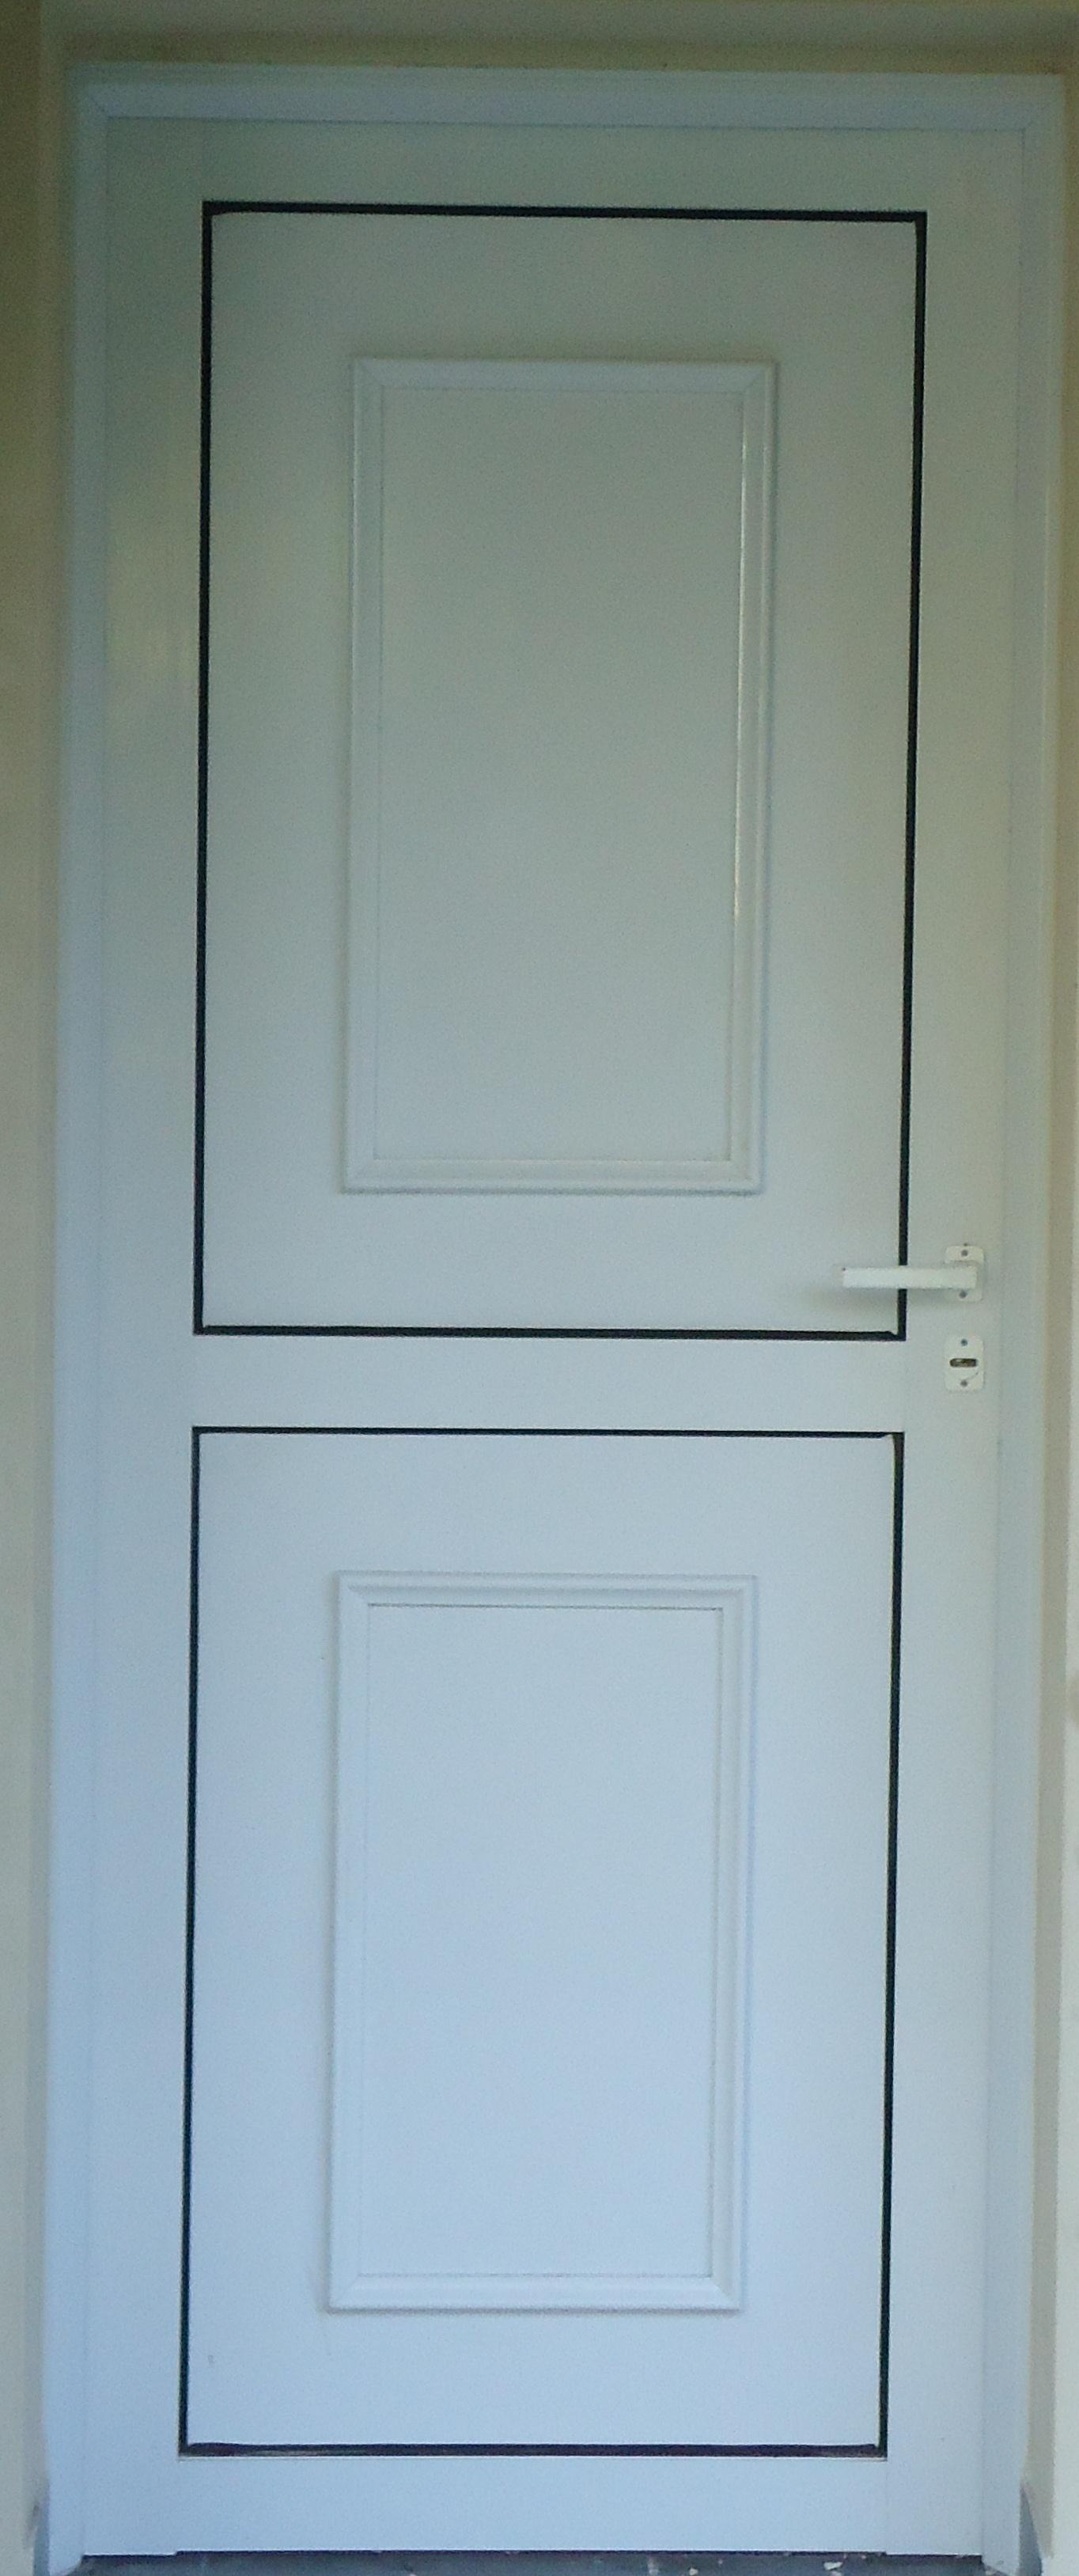 puertas con placa lisa y moldura aplicada de dos cuadros